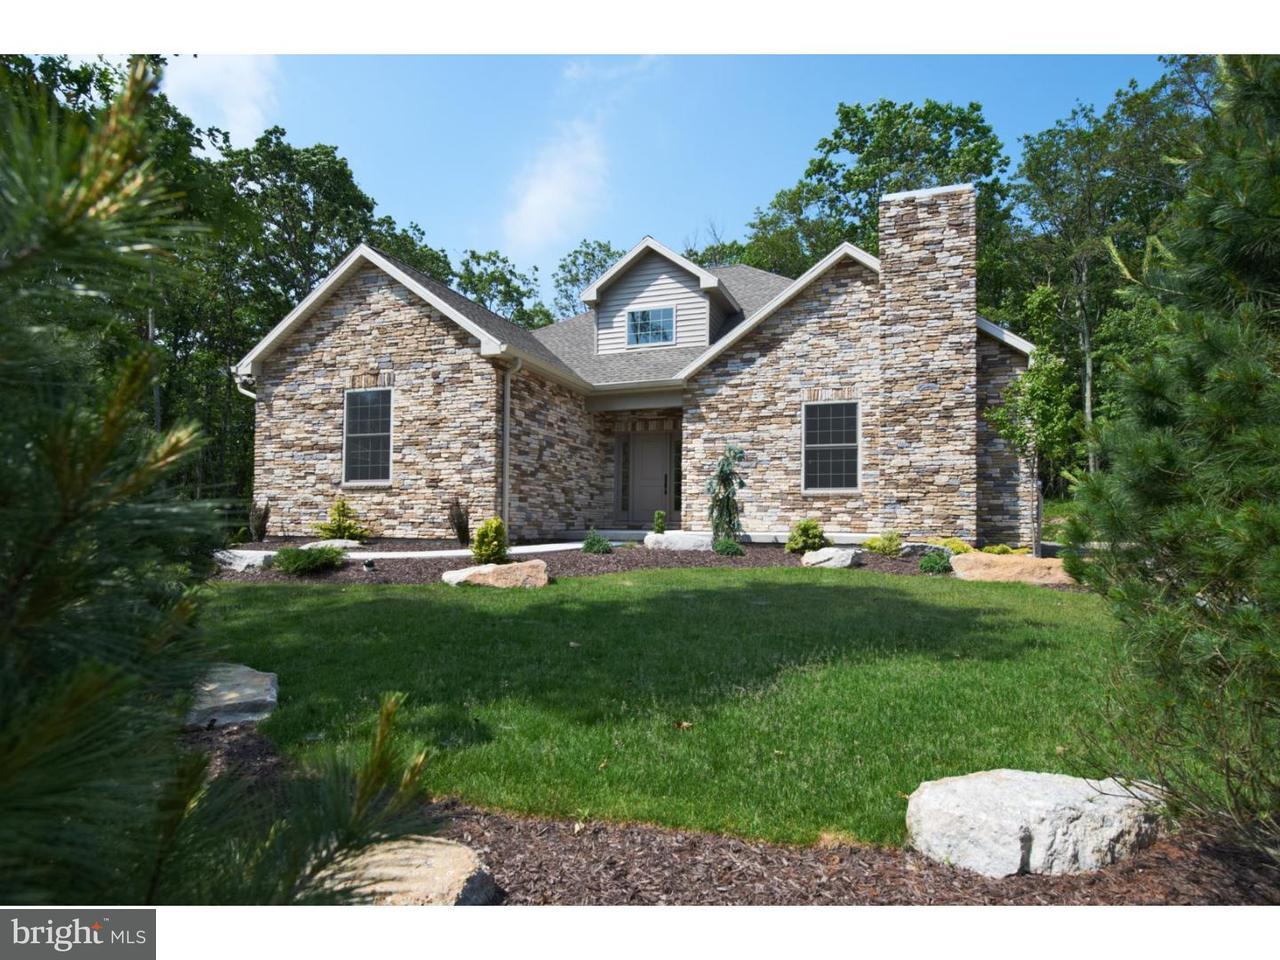 Частный односемейный дом для того Продажа на 345 TURNBERRY Lane Hazle Township, Пенсильвания 18202 Соединенные Штаты